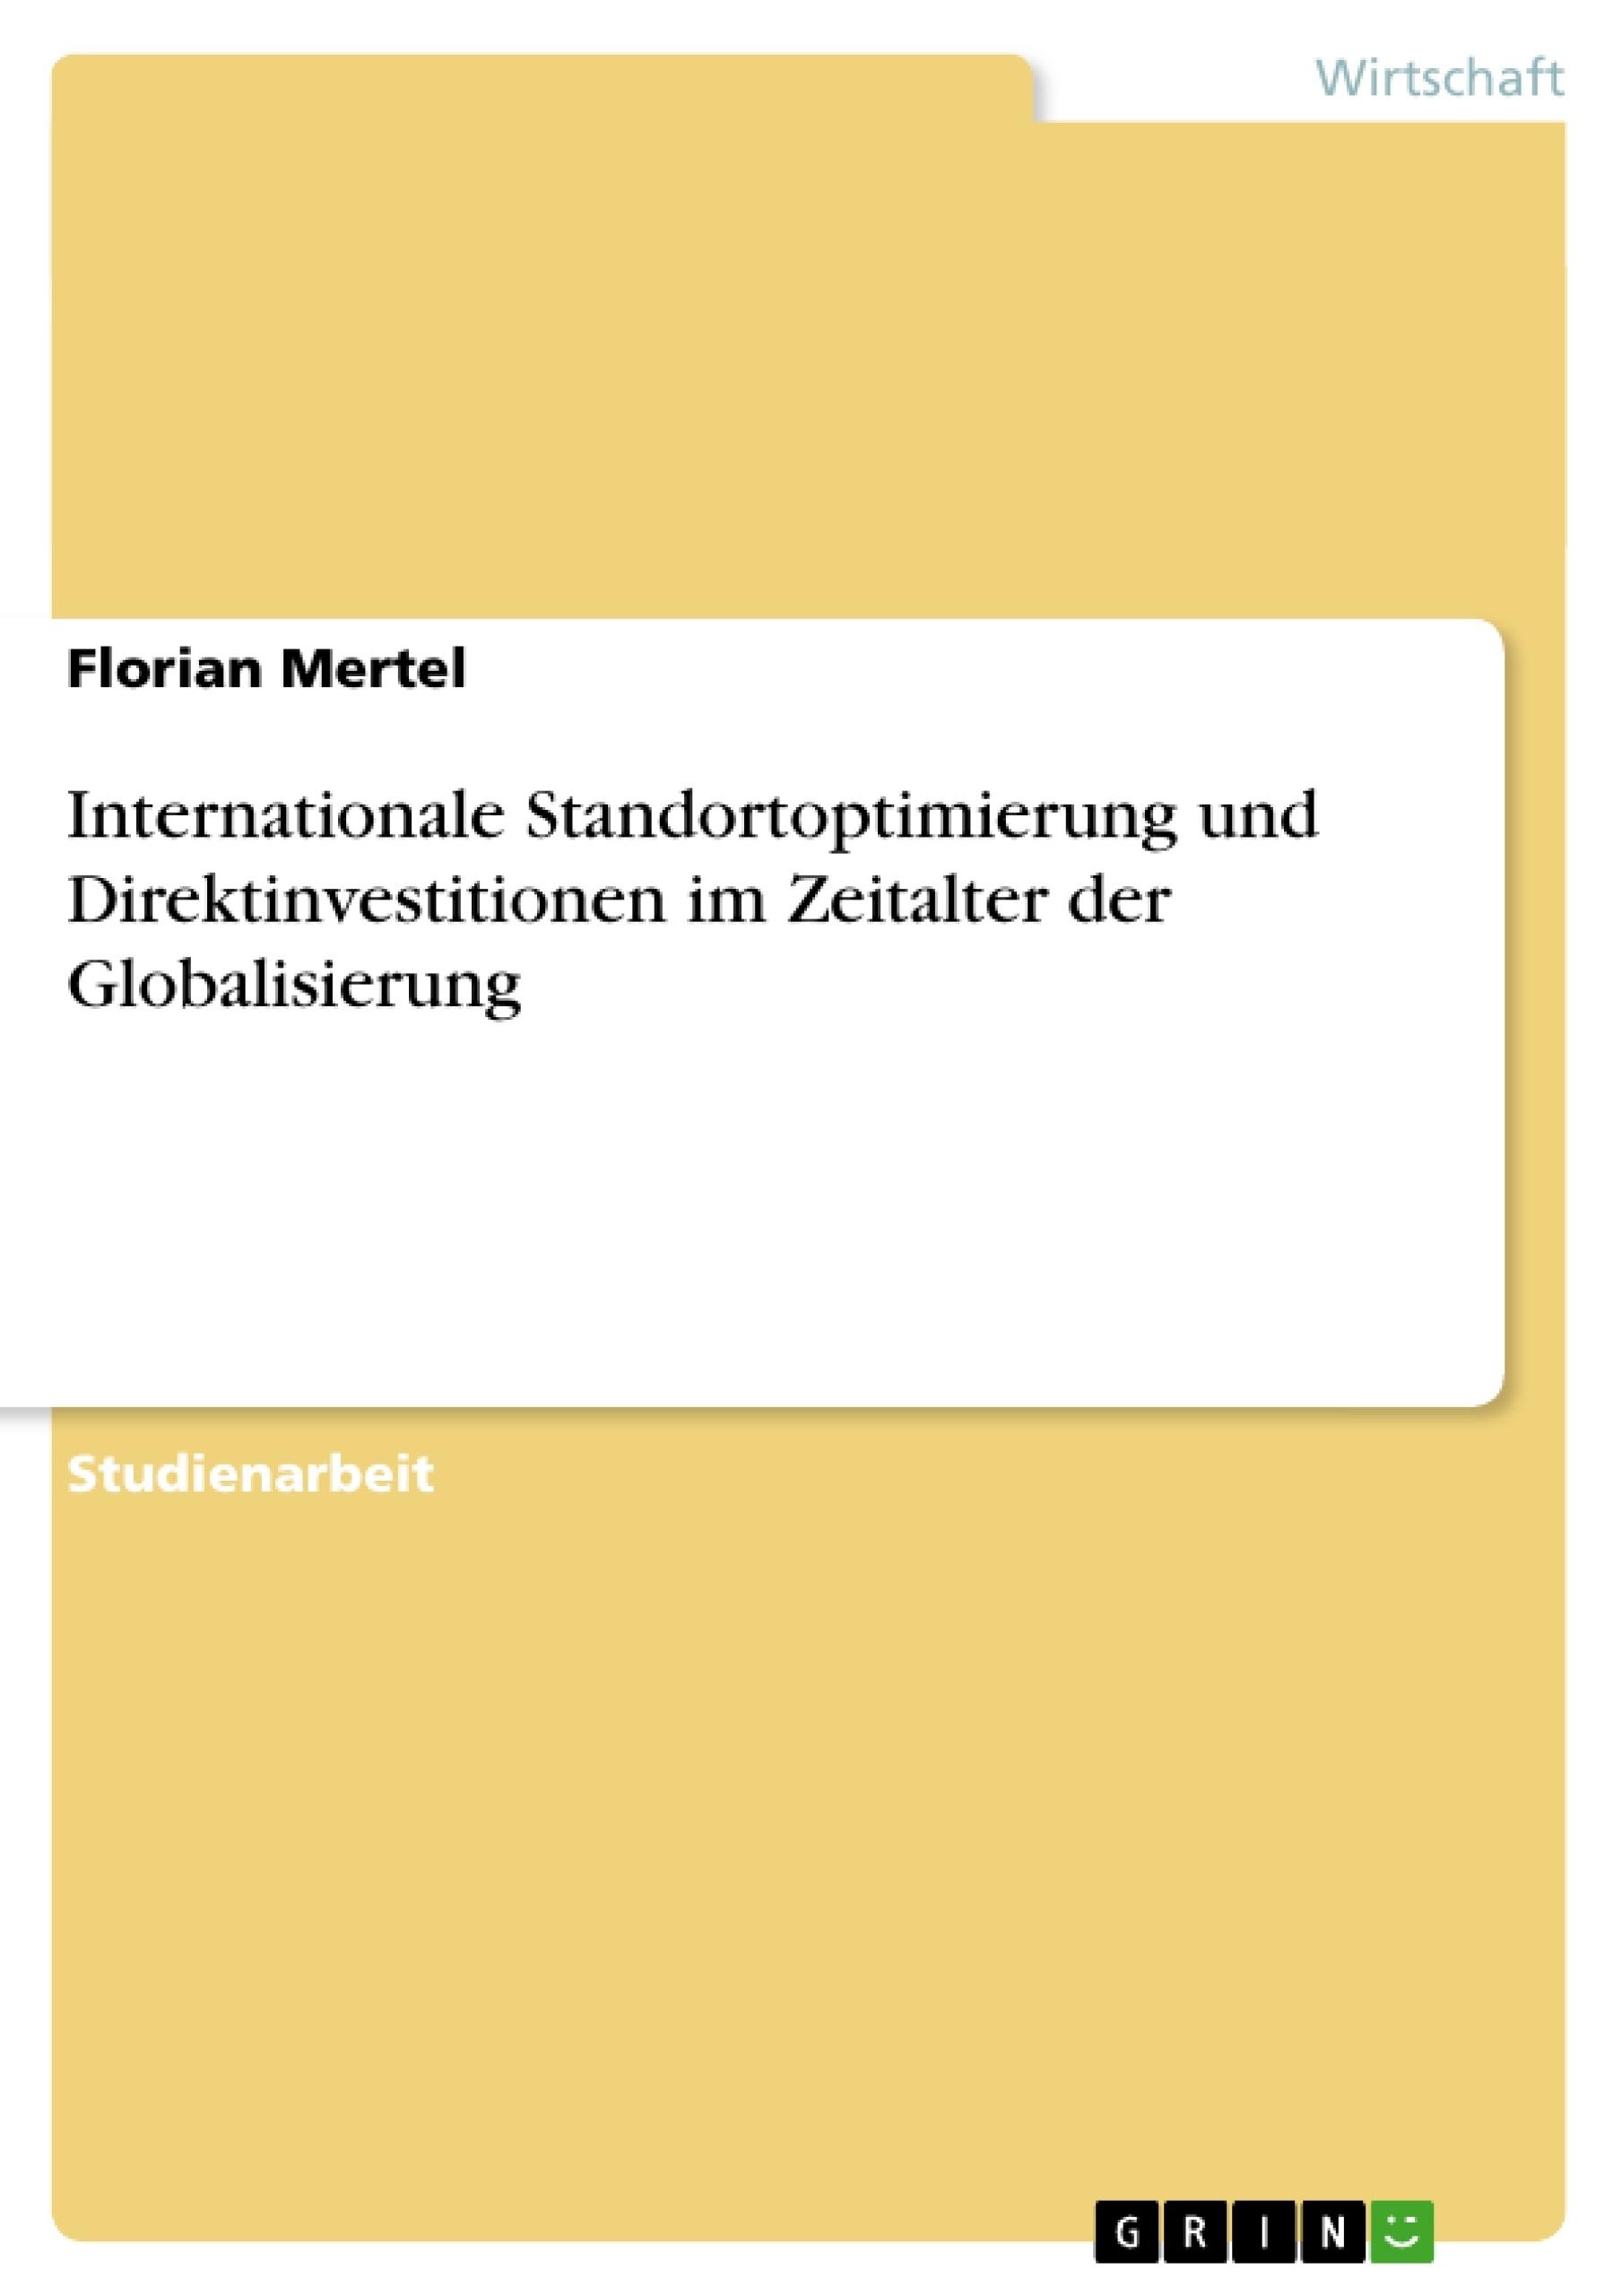 Titel: Internationale Standortoptimierung und Direktinvestitionen im Zeitalter der Globalisierung